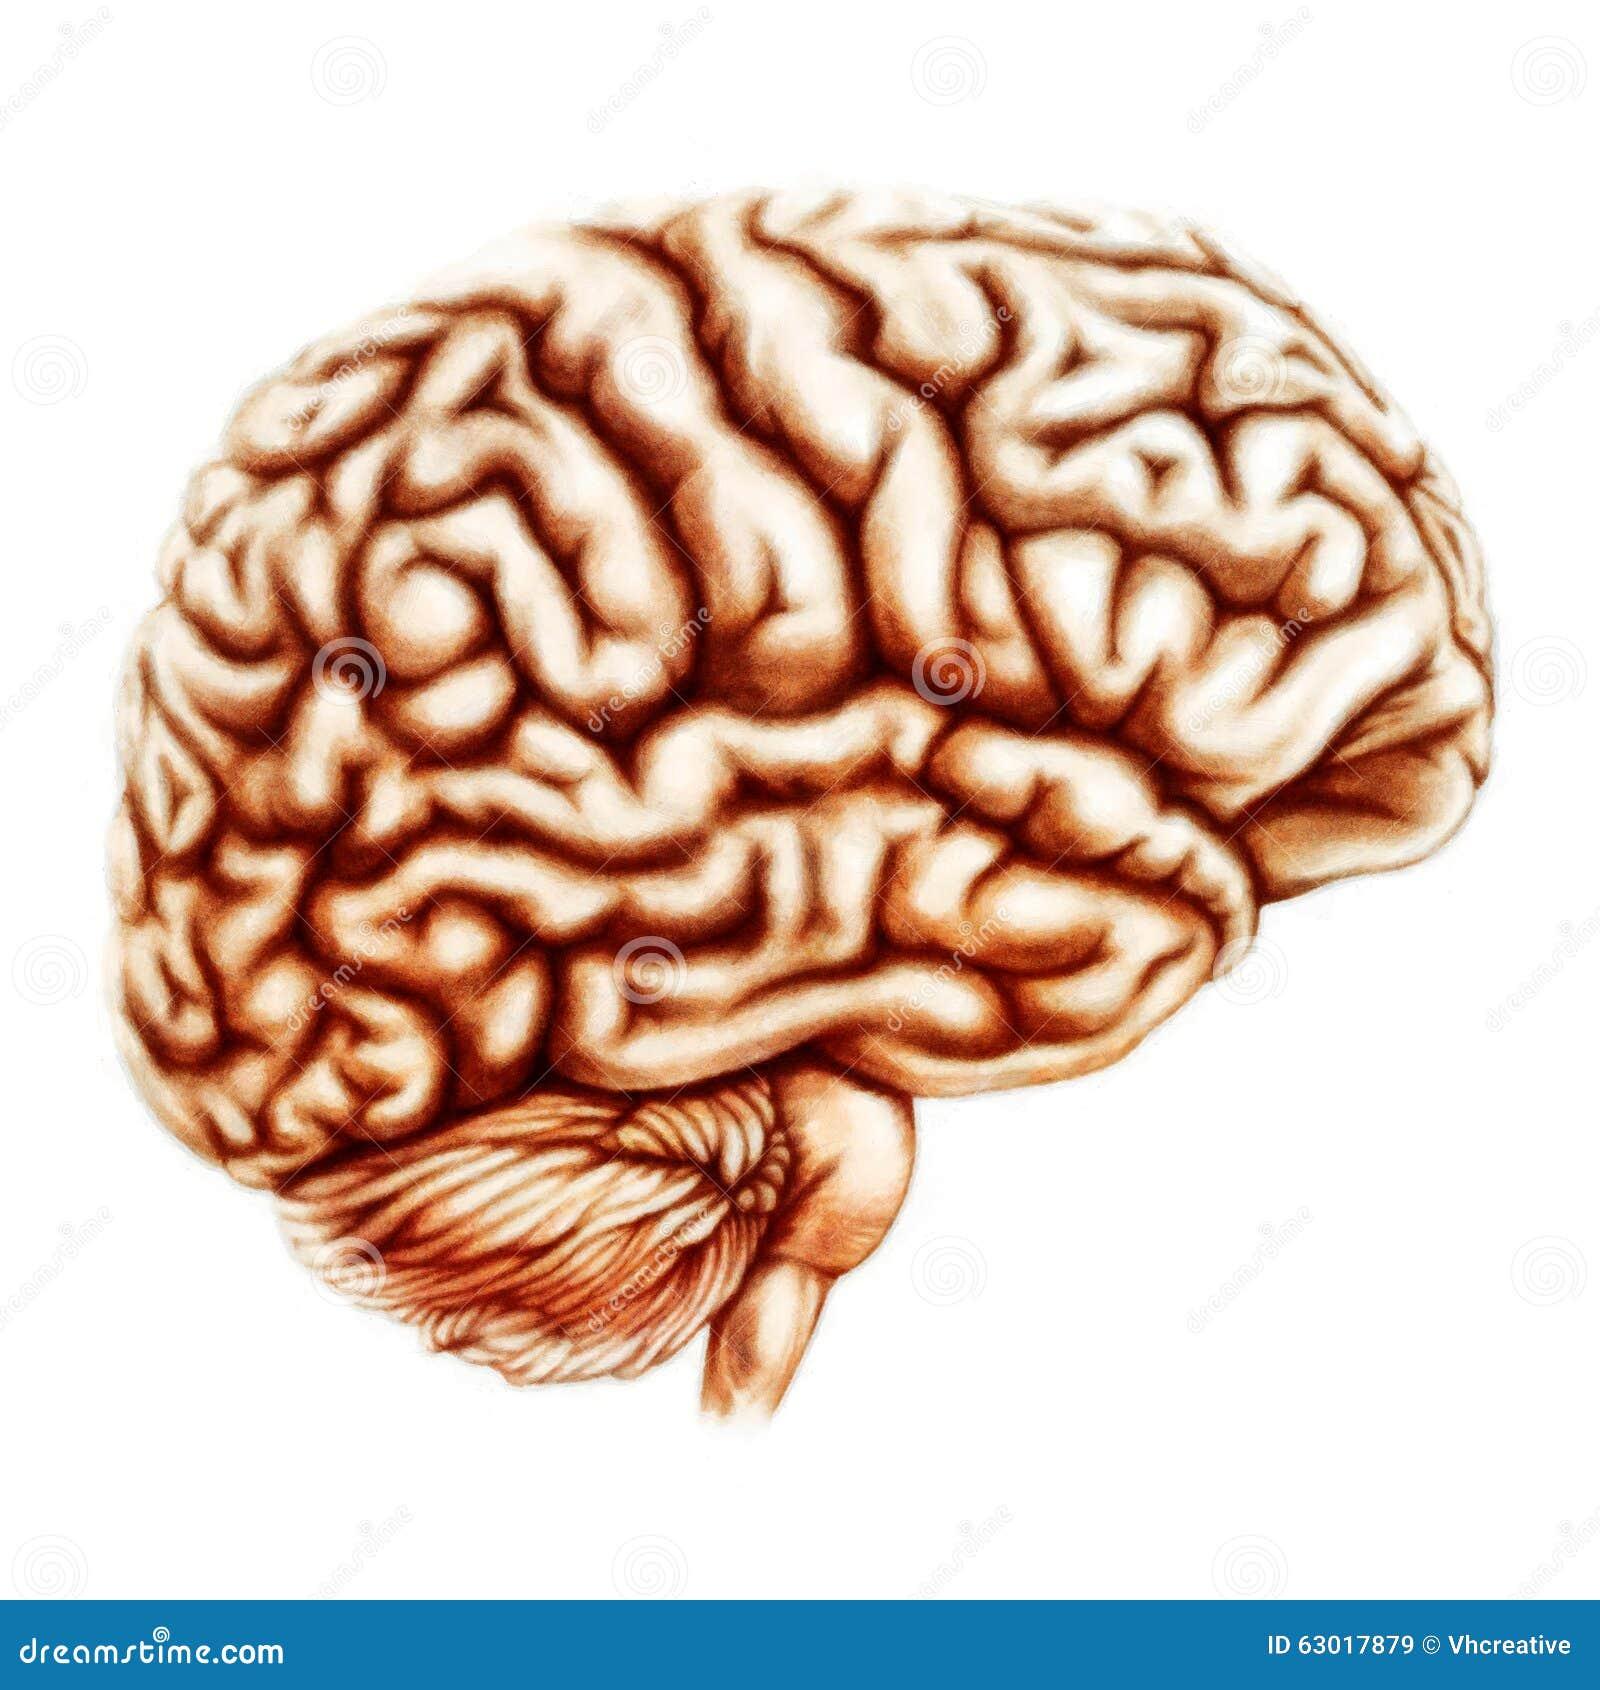 Mensch Brain Anatomy Illustration Stock Abbildung - Illustration von ...